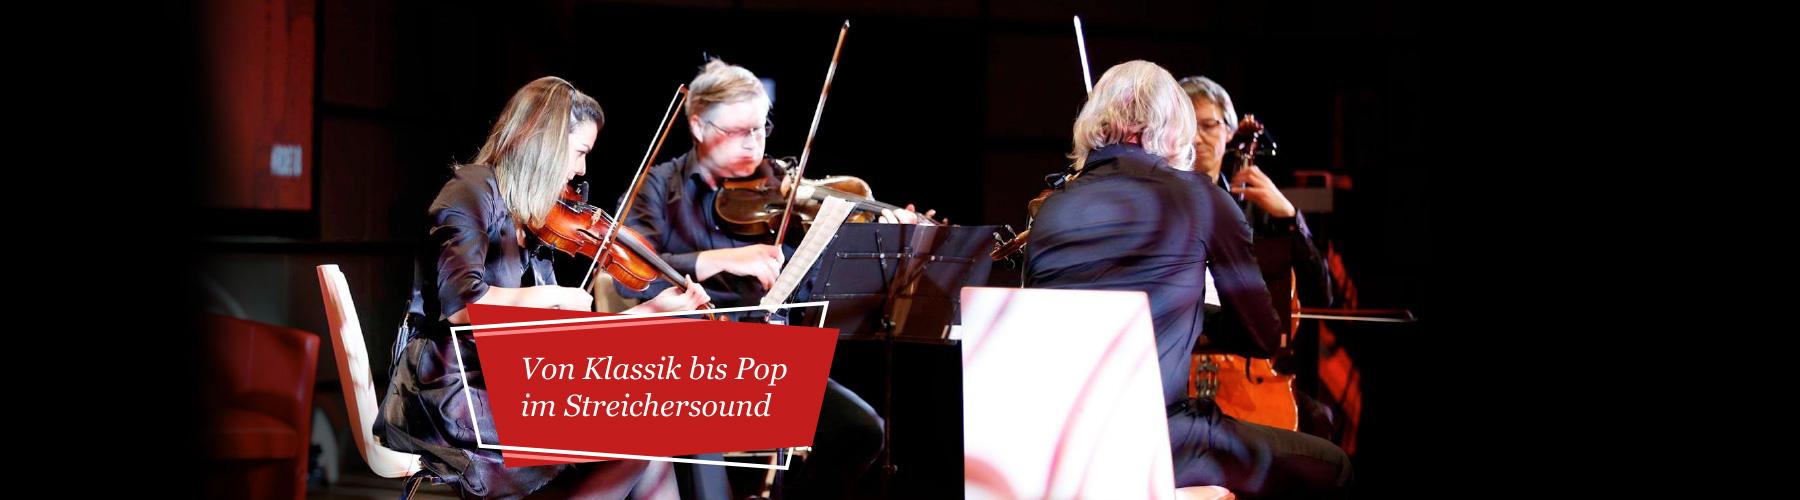 Von Klassik bis Pop Im Streichersound